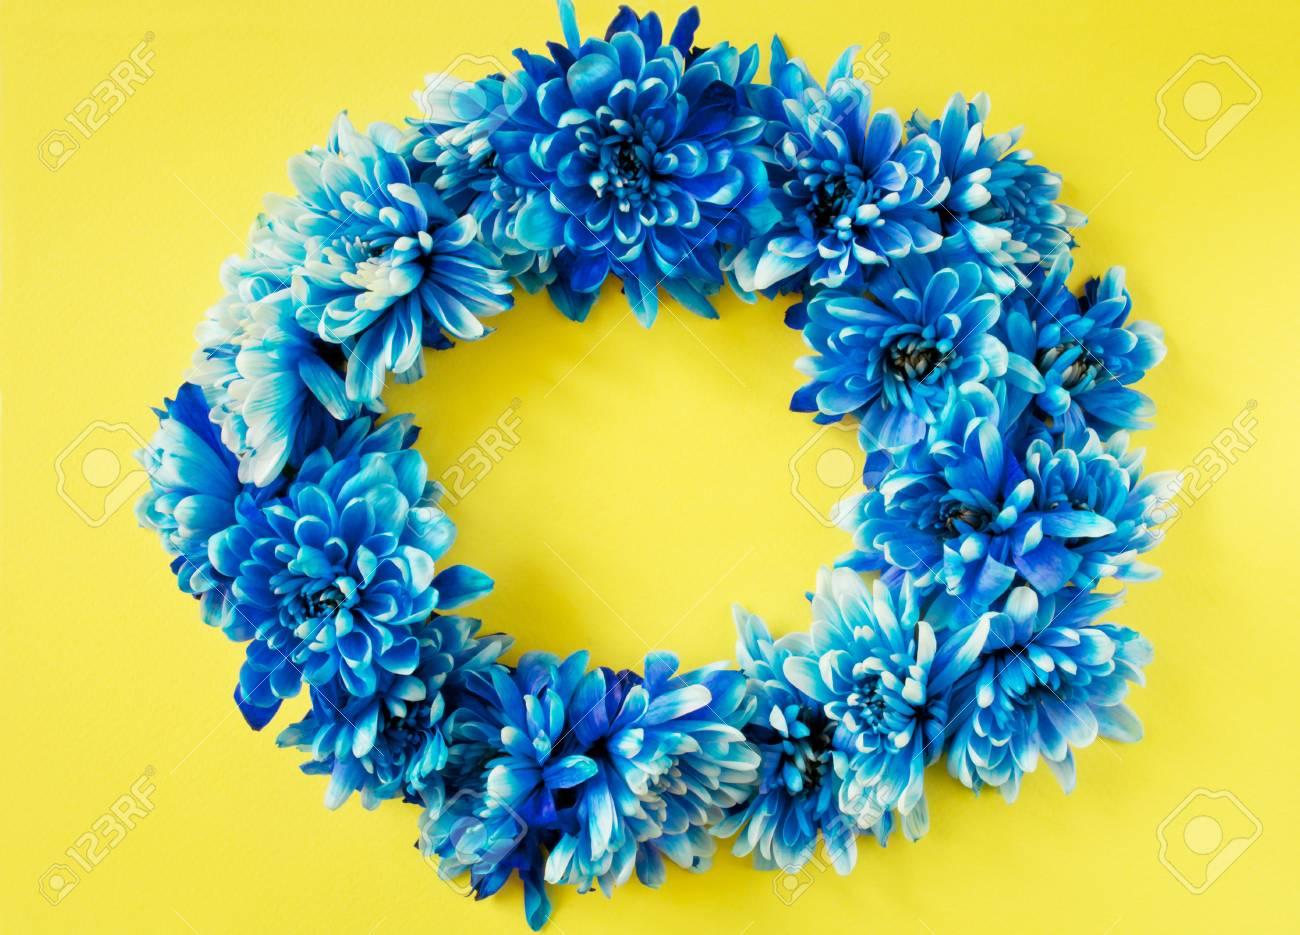 Pretty blue flower wreath on a yellow background stock photo pretty blue flower wreath on a yellow background stock photo 51600444 izmirmasajfo